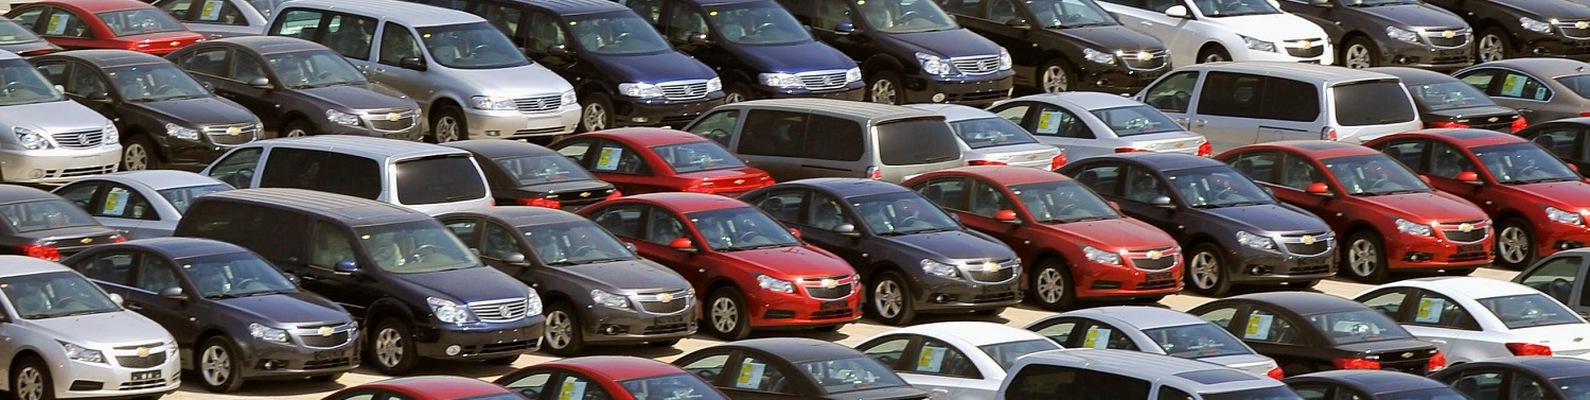 Где сегодня можно быстро и выгодно приобрести автомобиль?